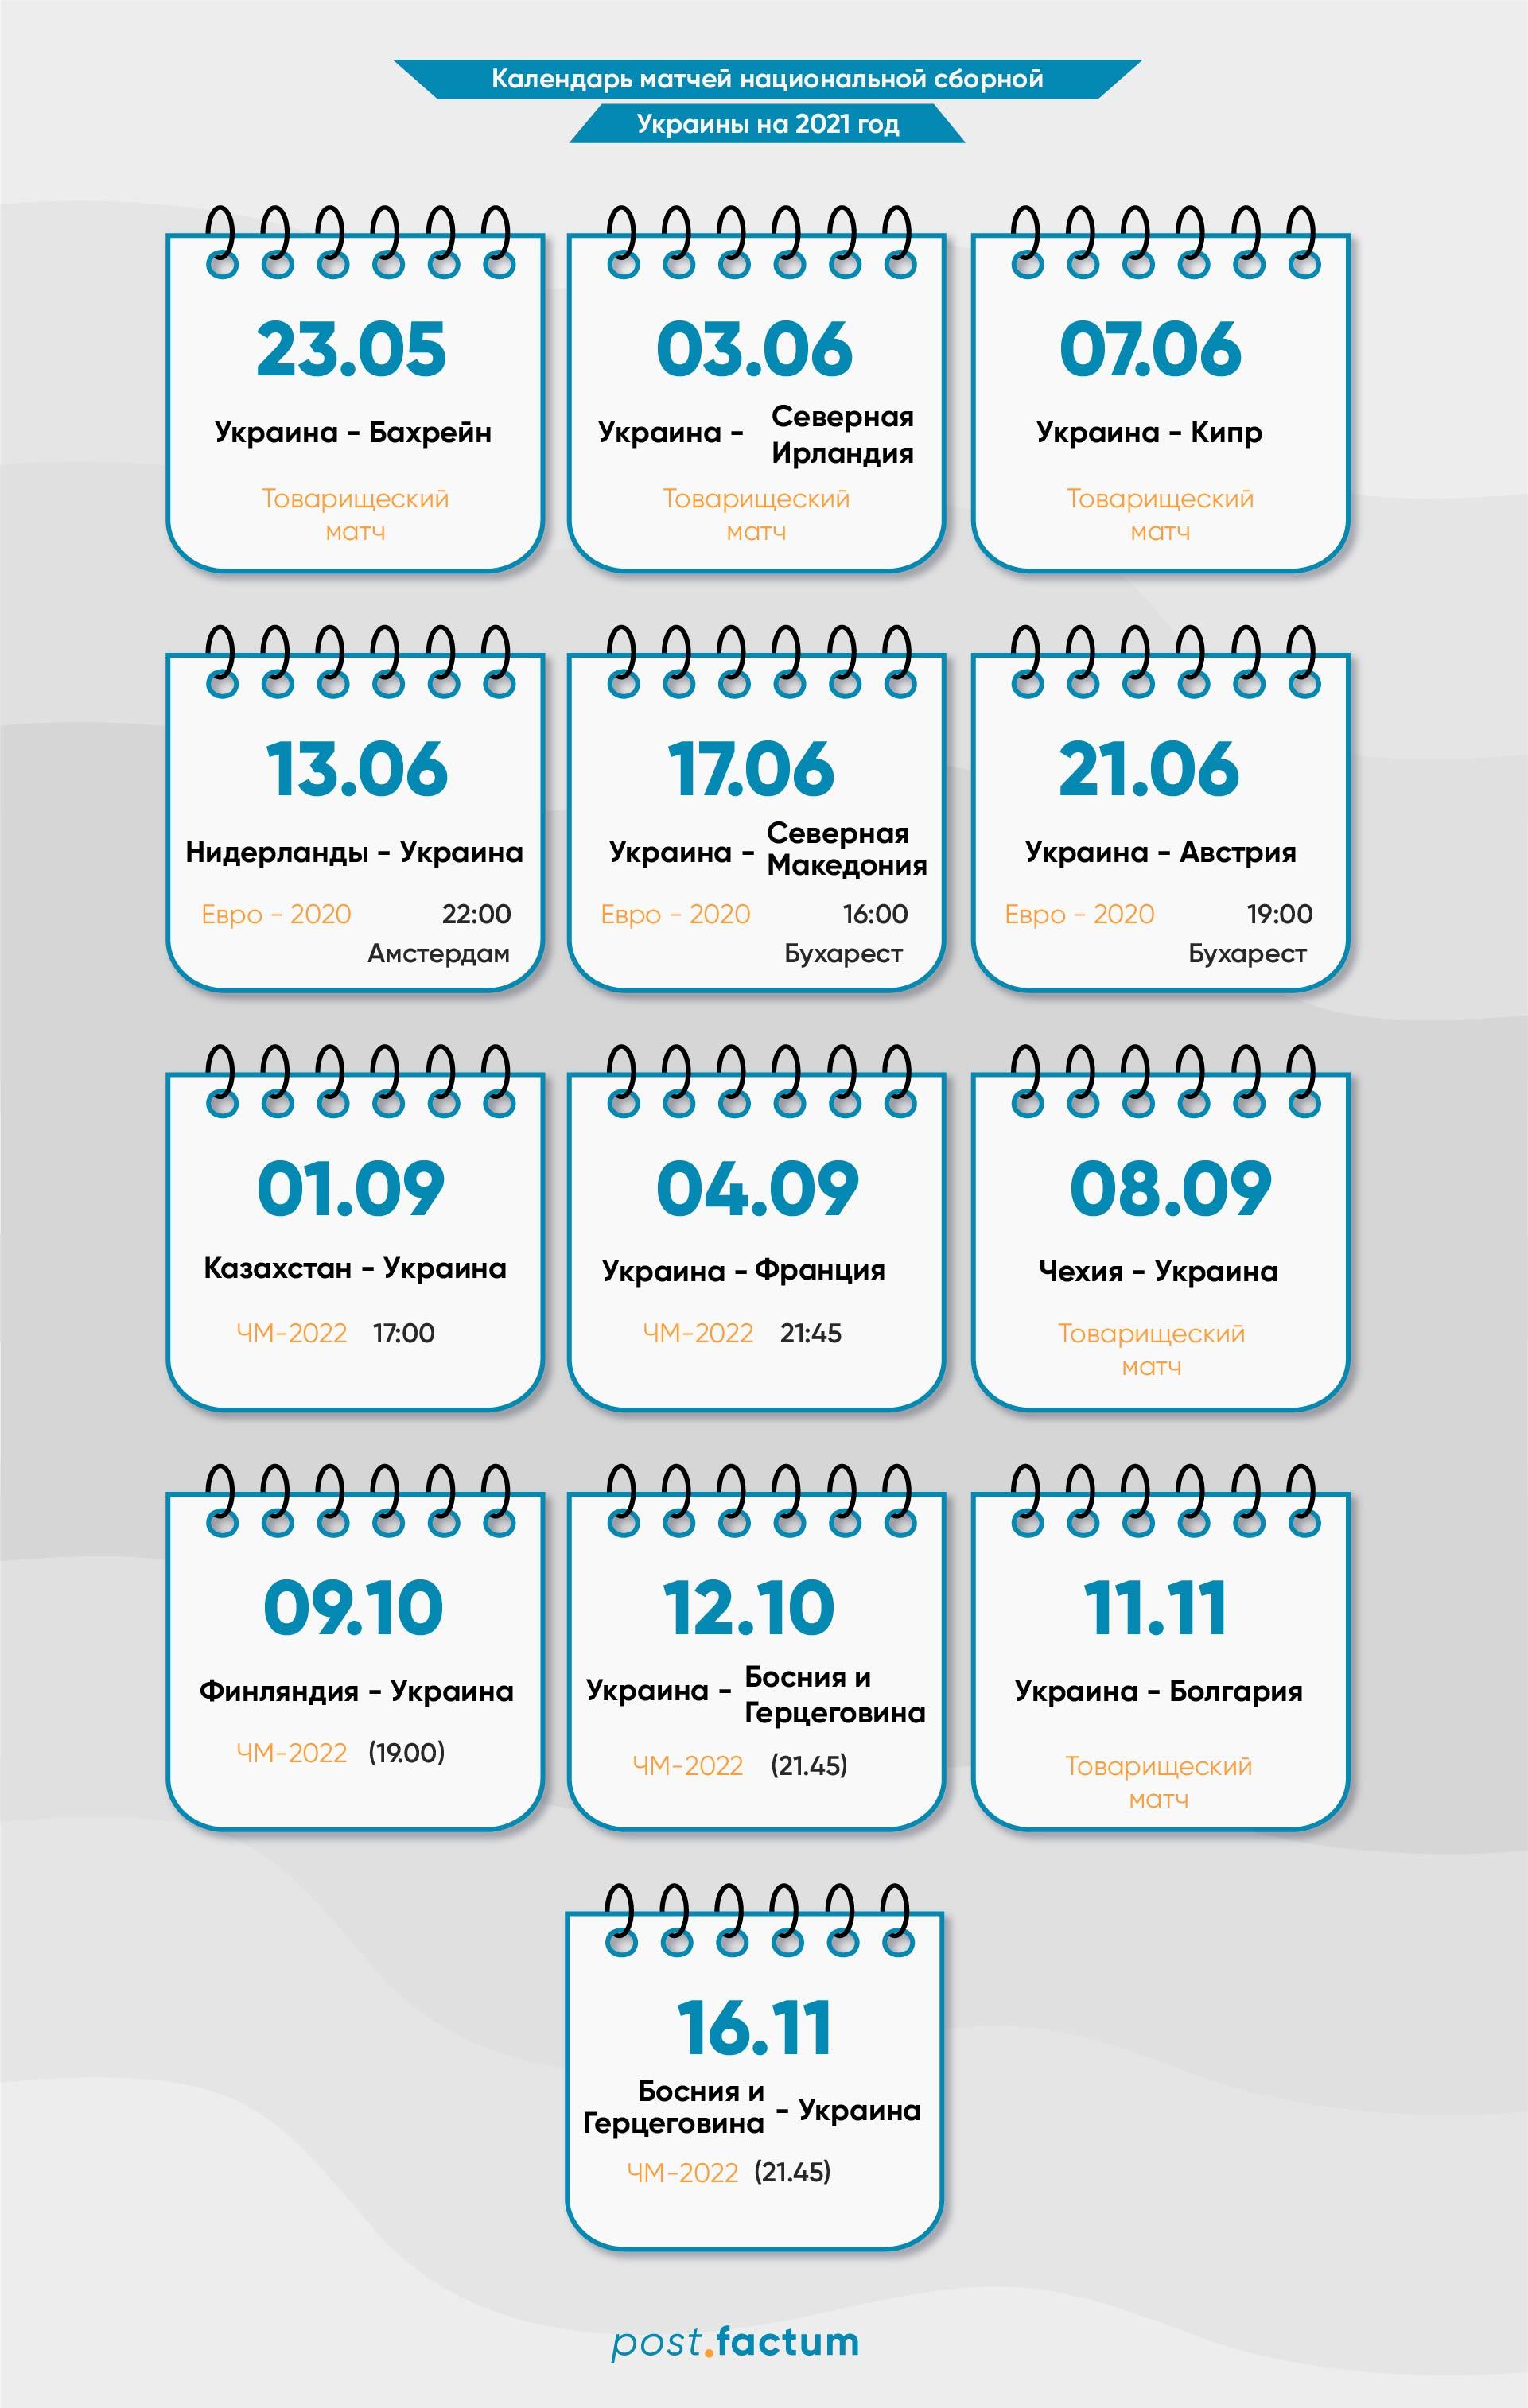 Инфографика: когда состоятся ближайшие матчи сборной Украины — фото 1